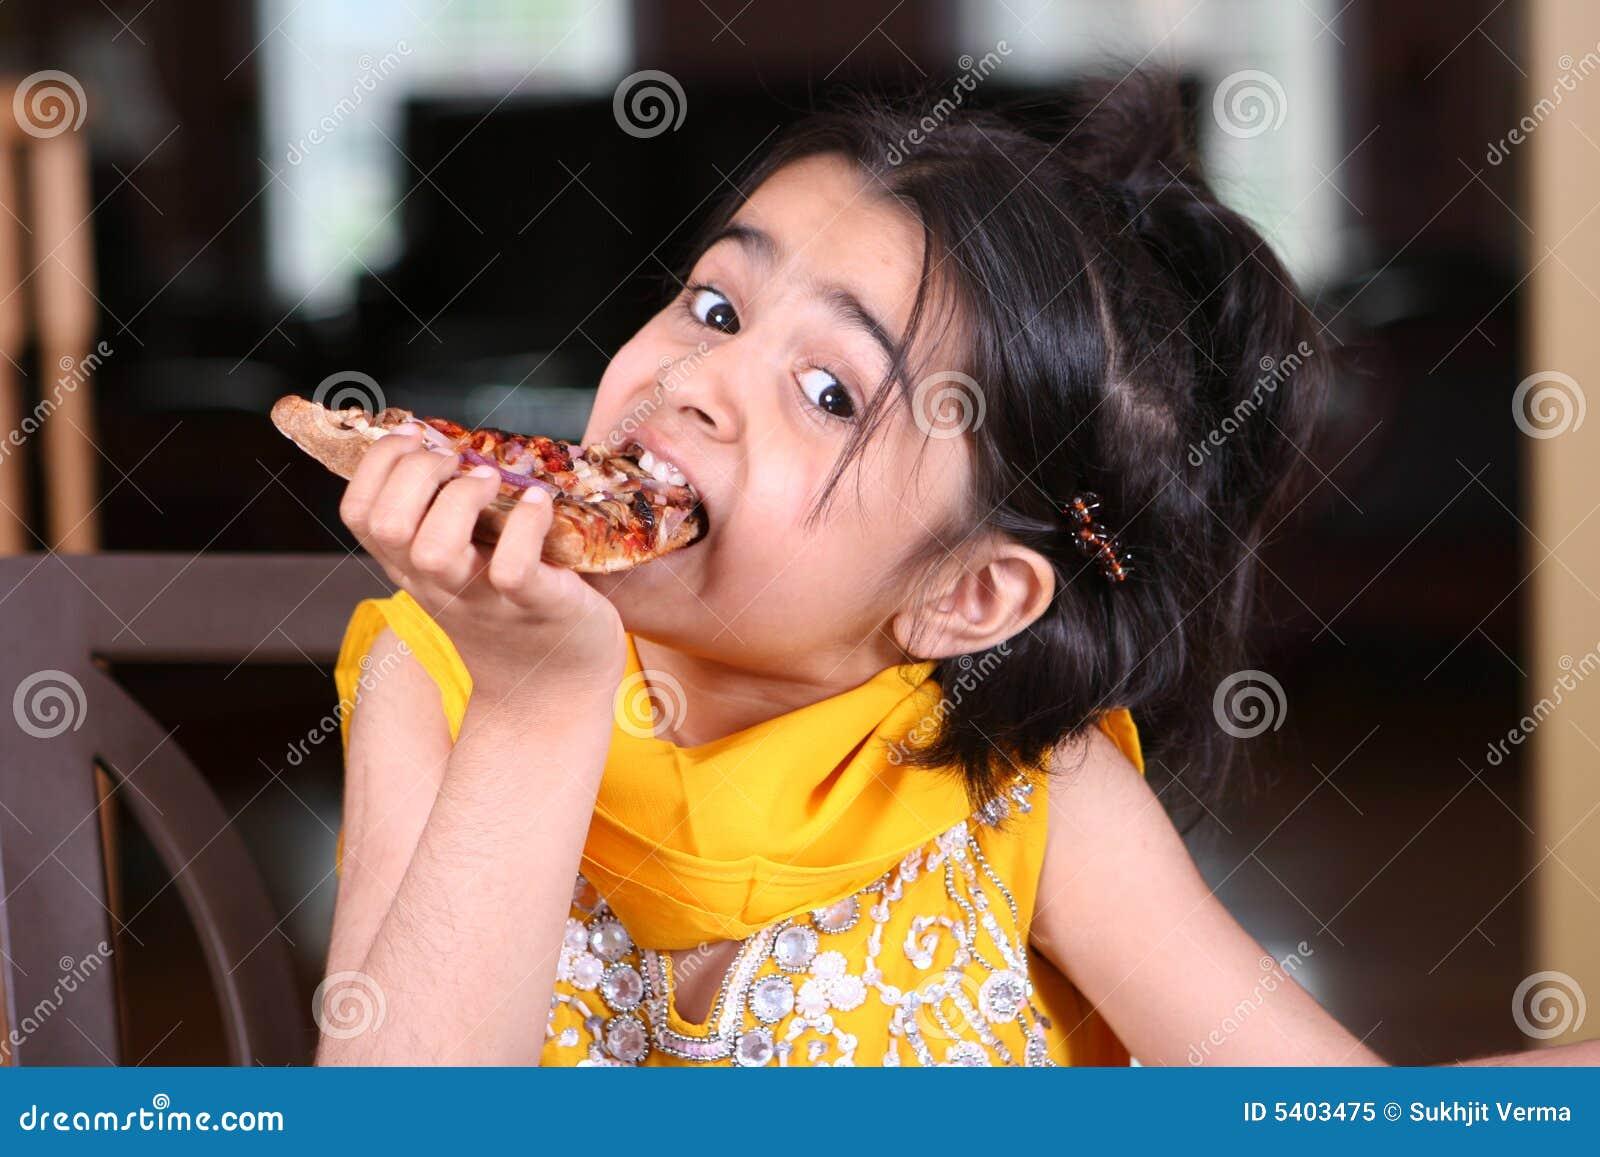 Girl eating pizza slice